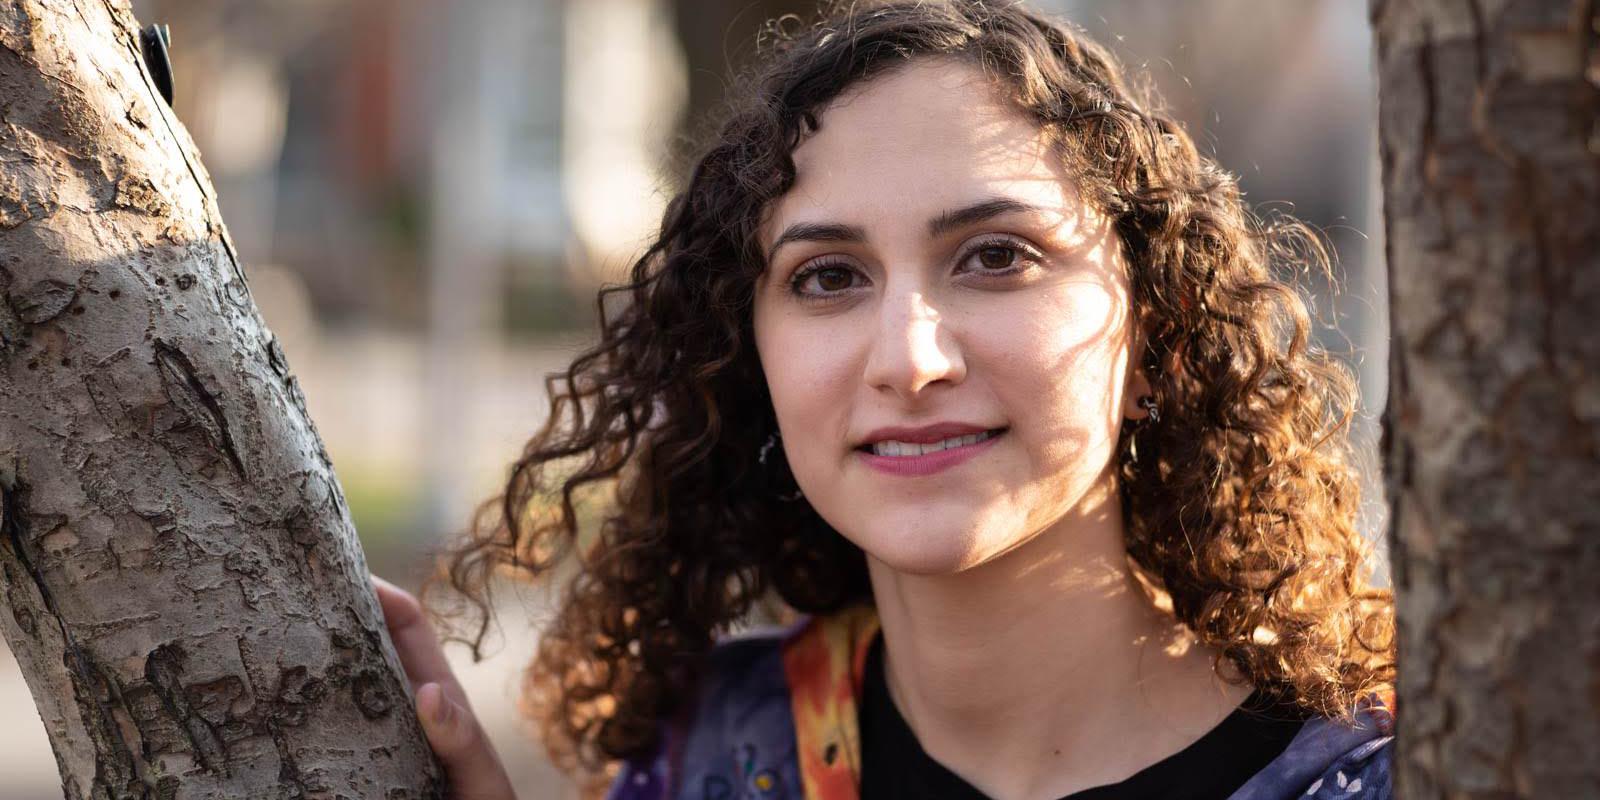 Sophia Uddin - Science & Medicine